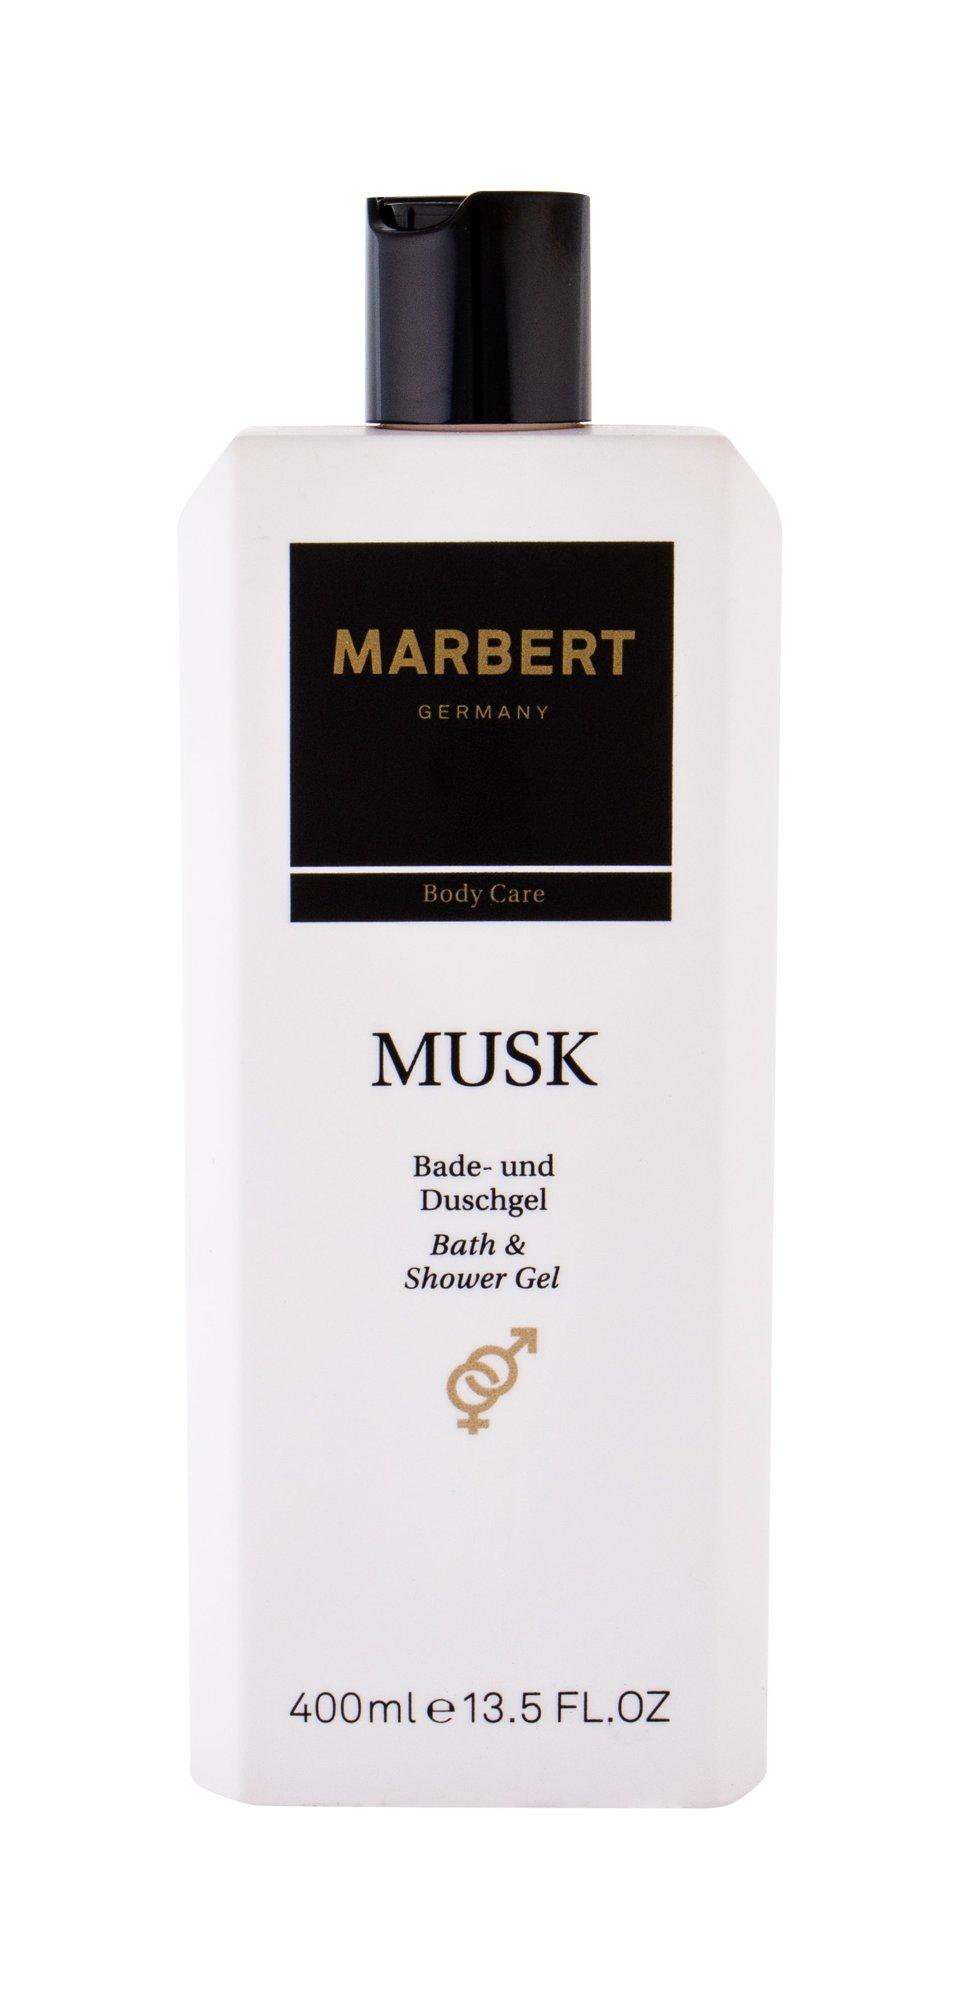 Marbert Body Care Shower Gel 400ml  Musk